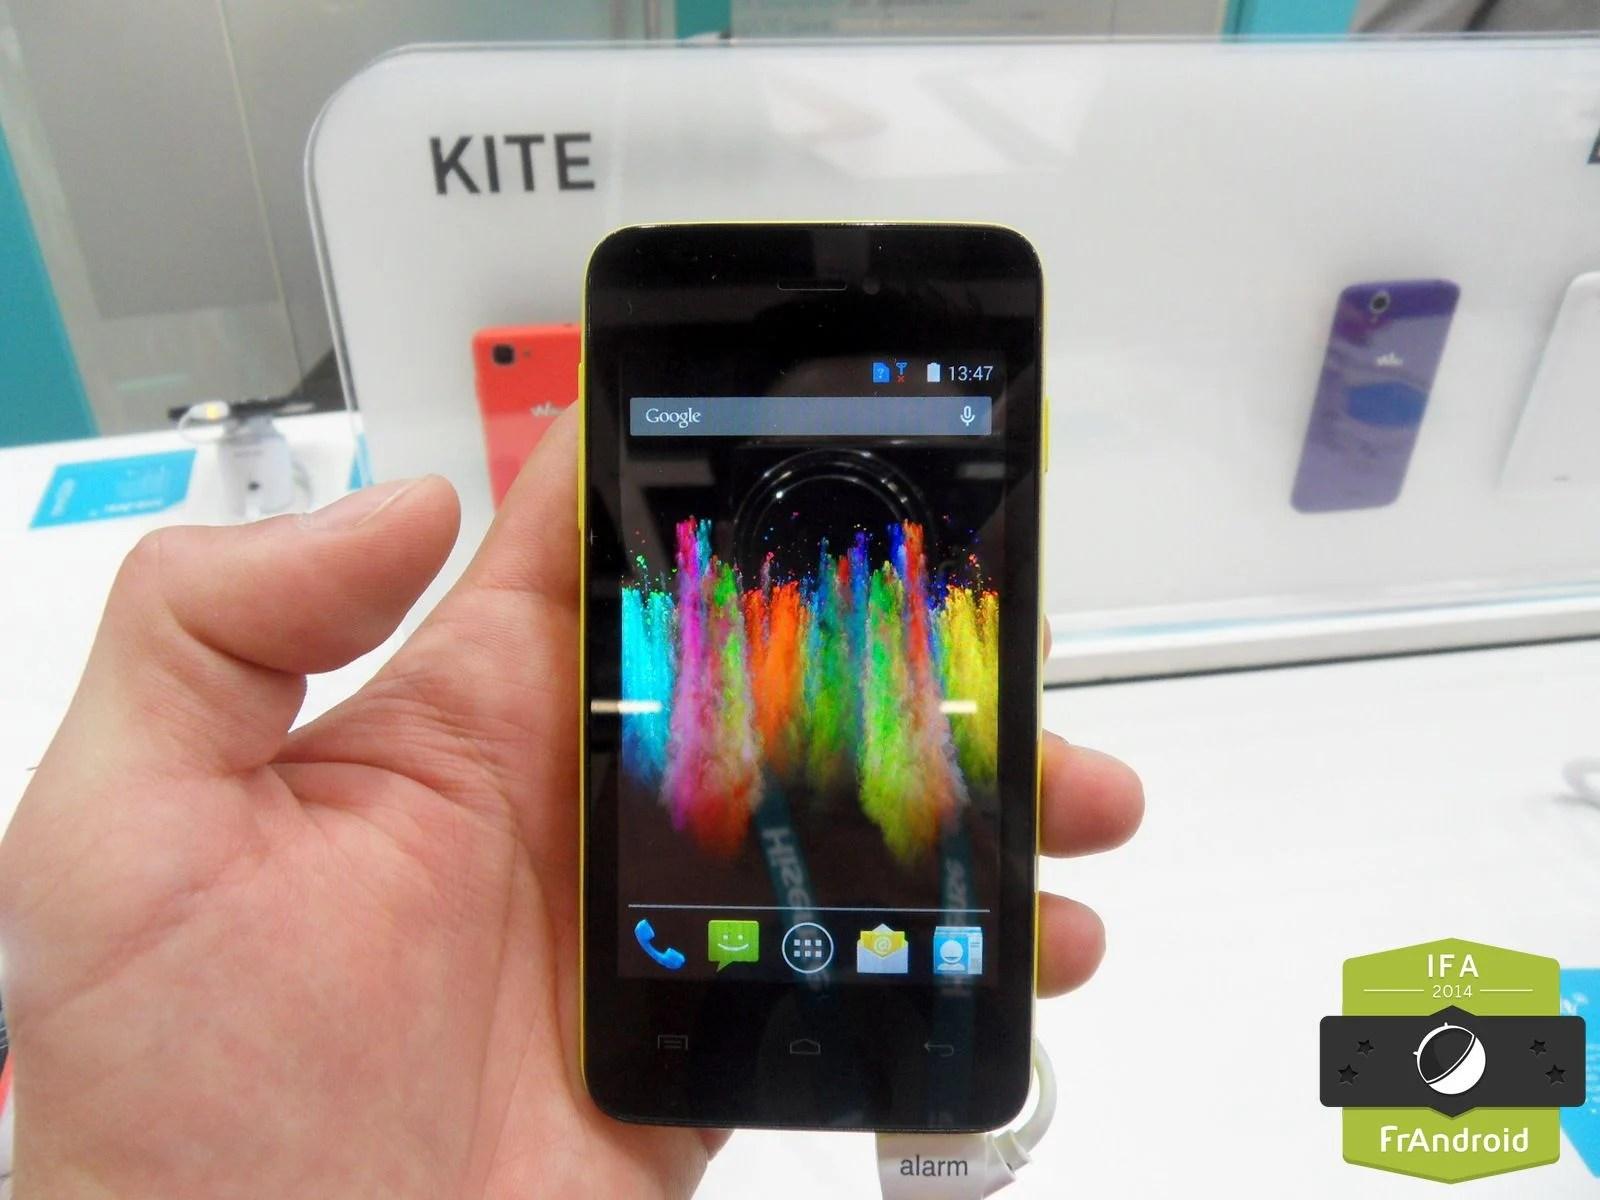 Prise en main du Wiko Kite : la 4G à moins de 100 euros